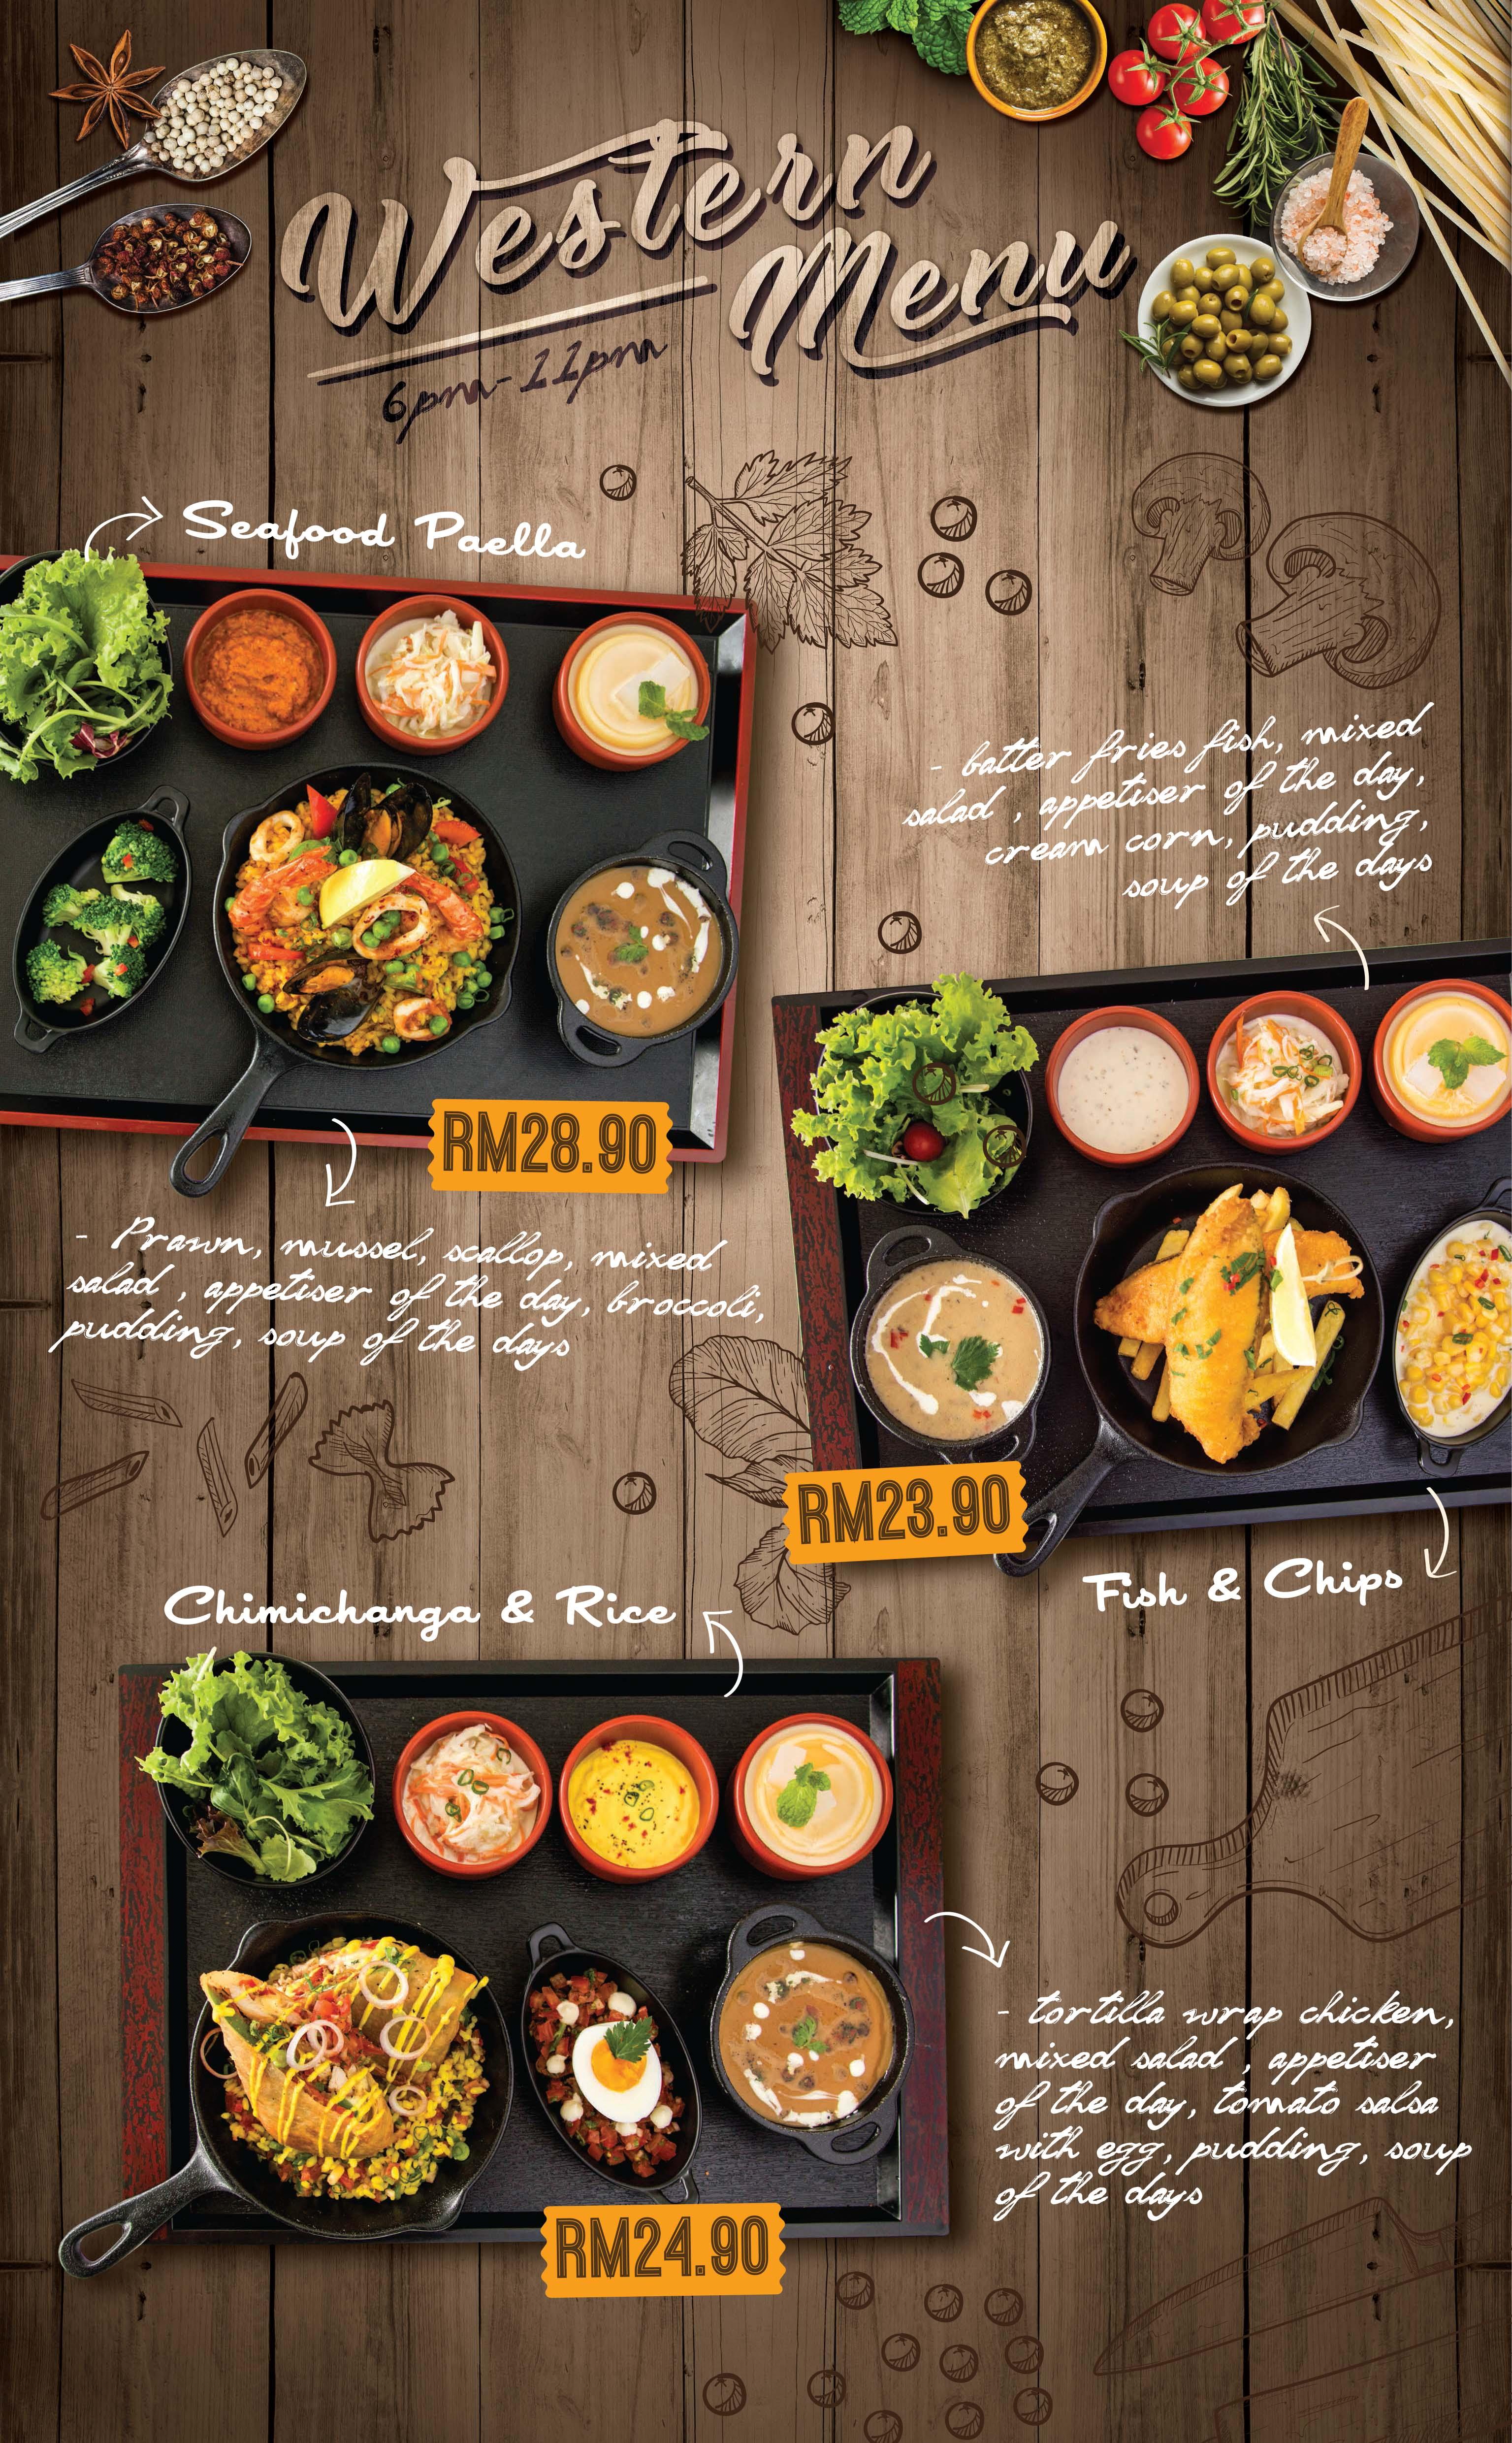 englaberg menu-back